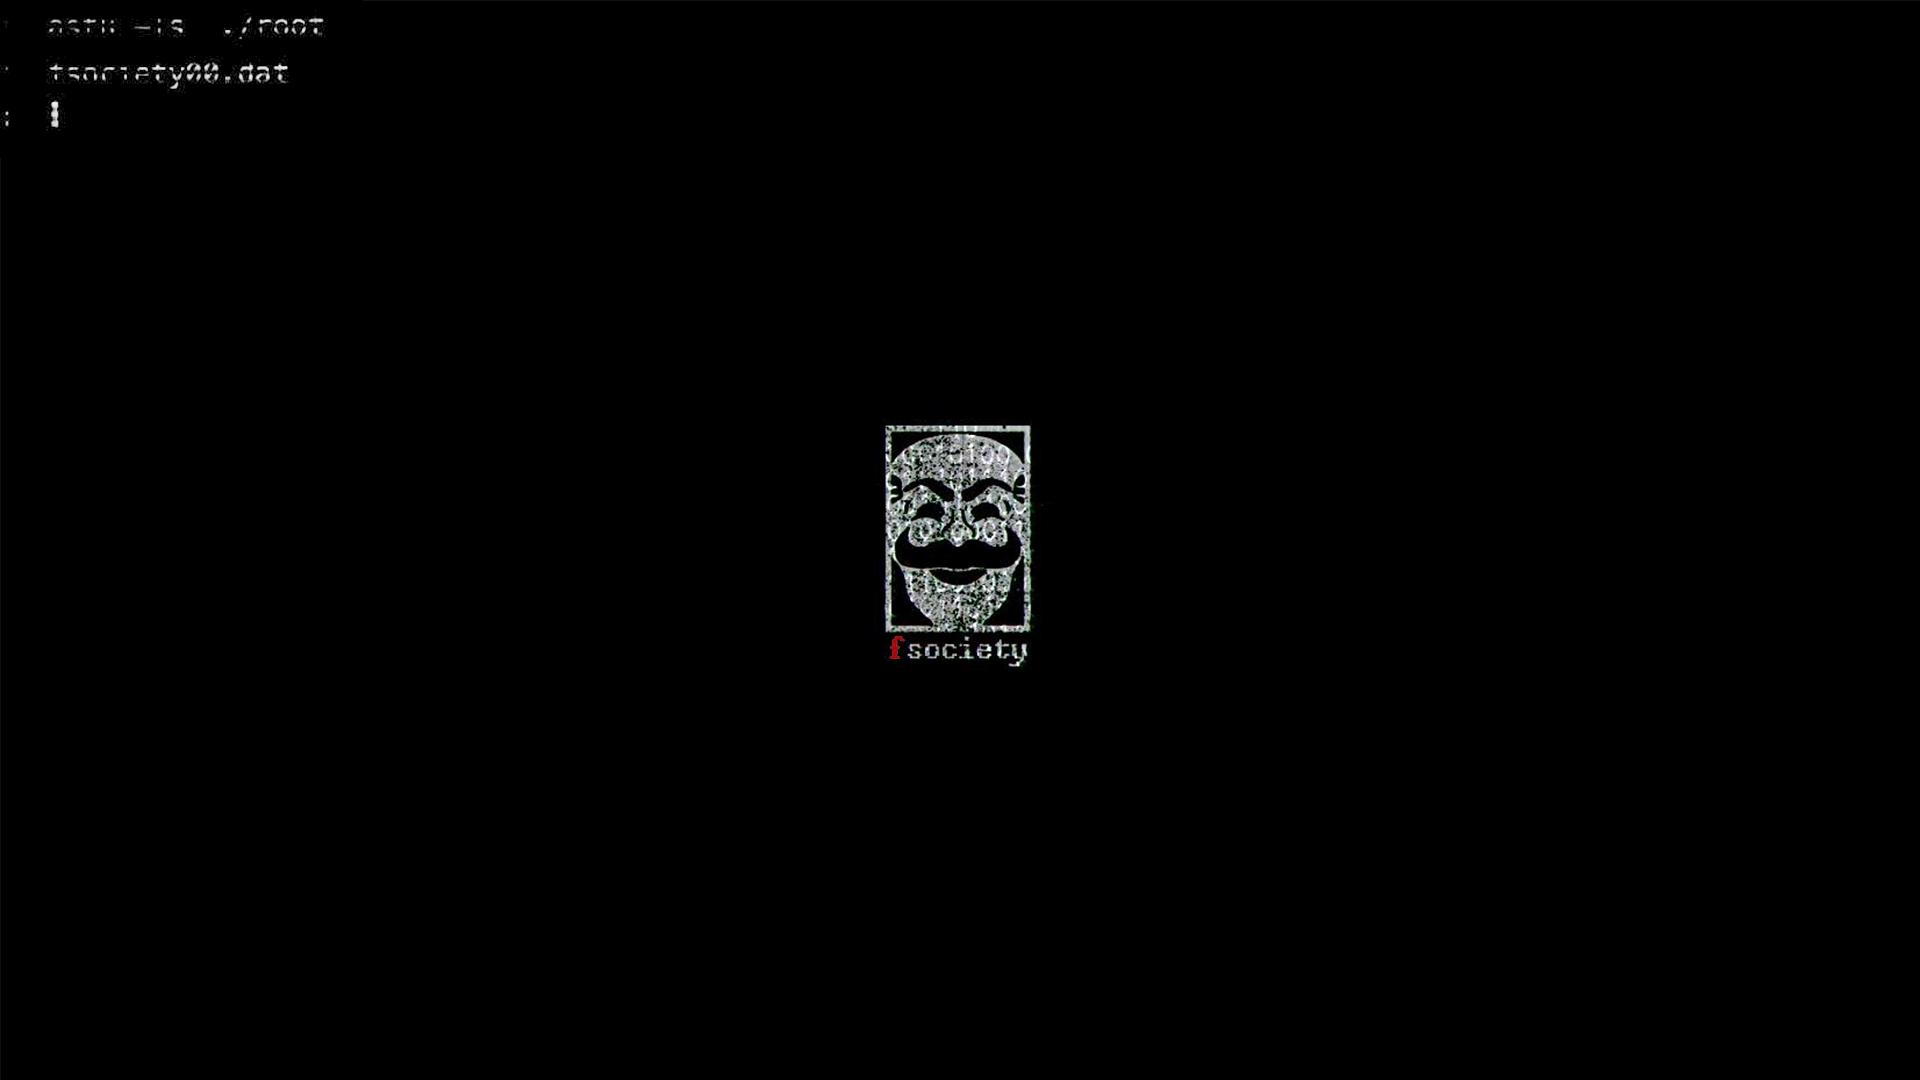 3 mr. robot fonds d'écran hd | arrière-plans - wallpaper abyss